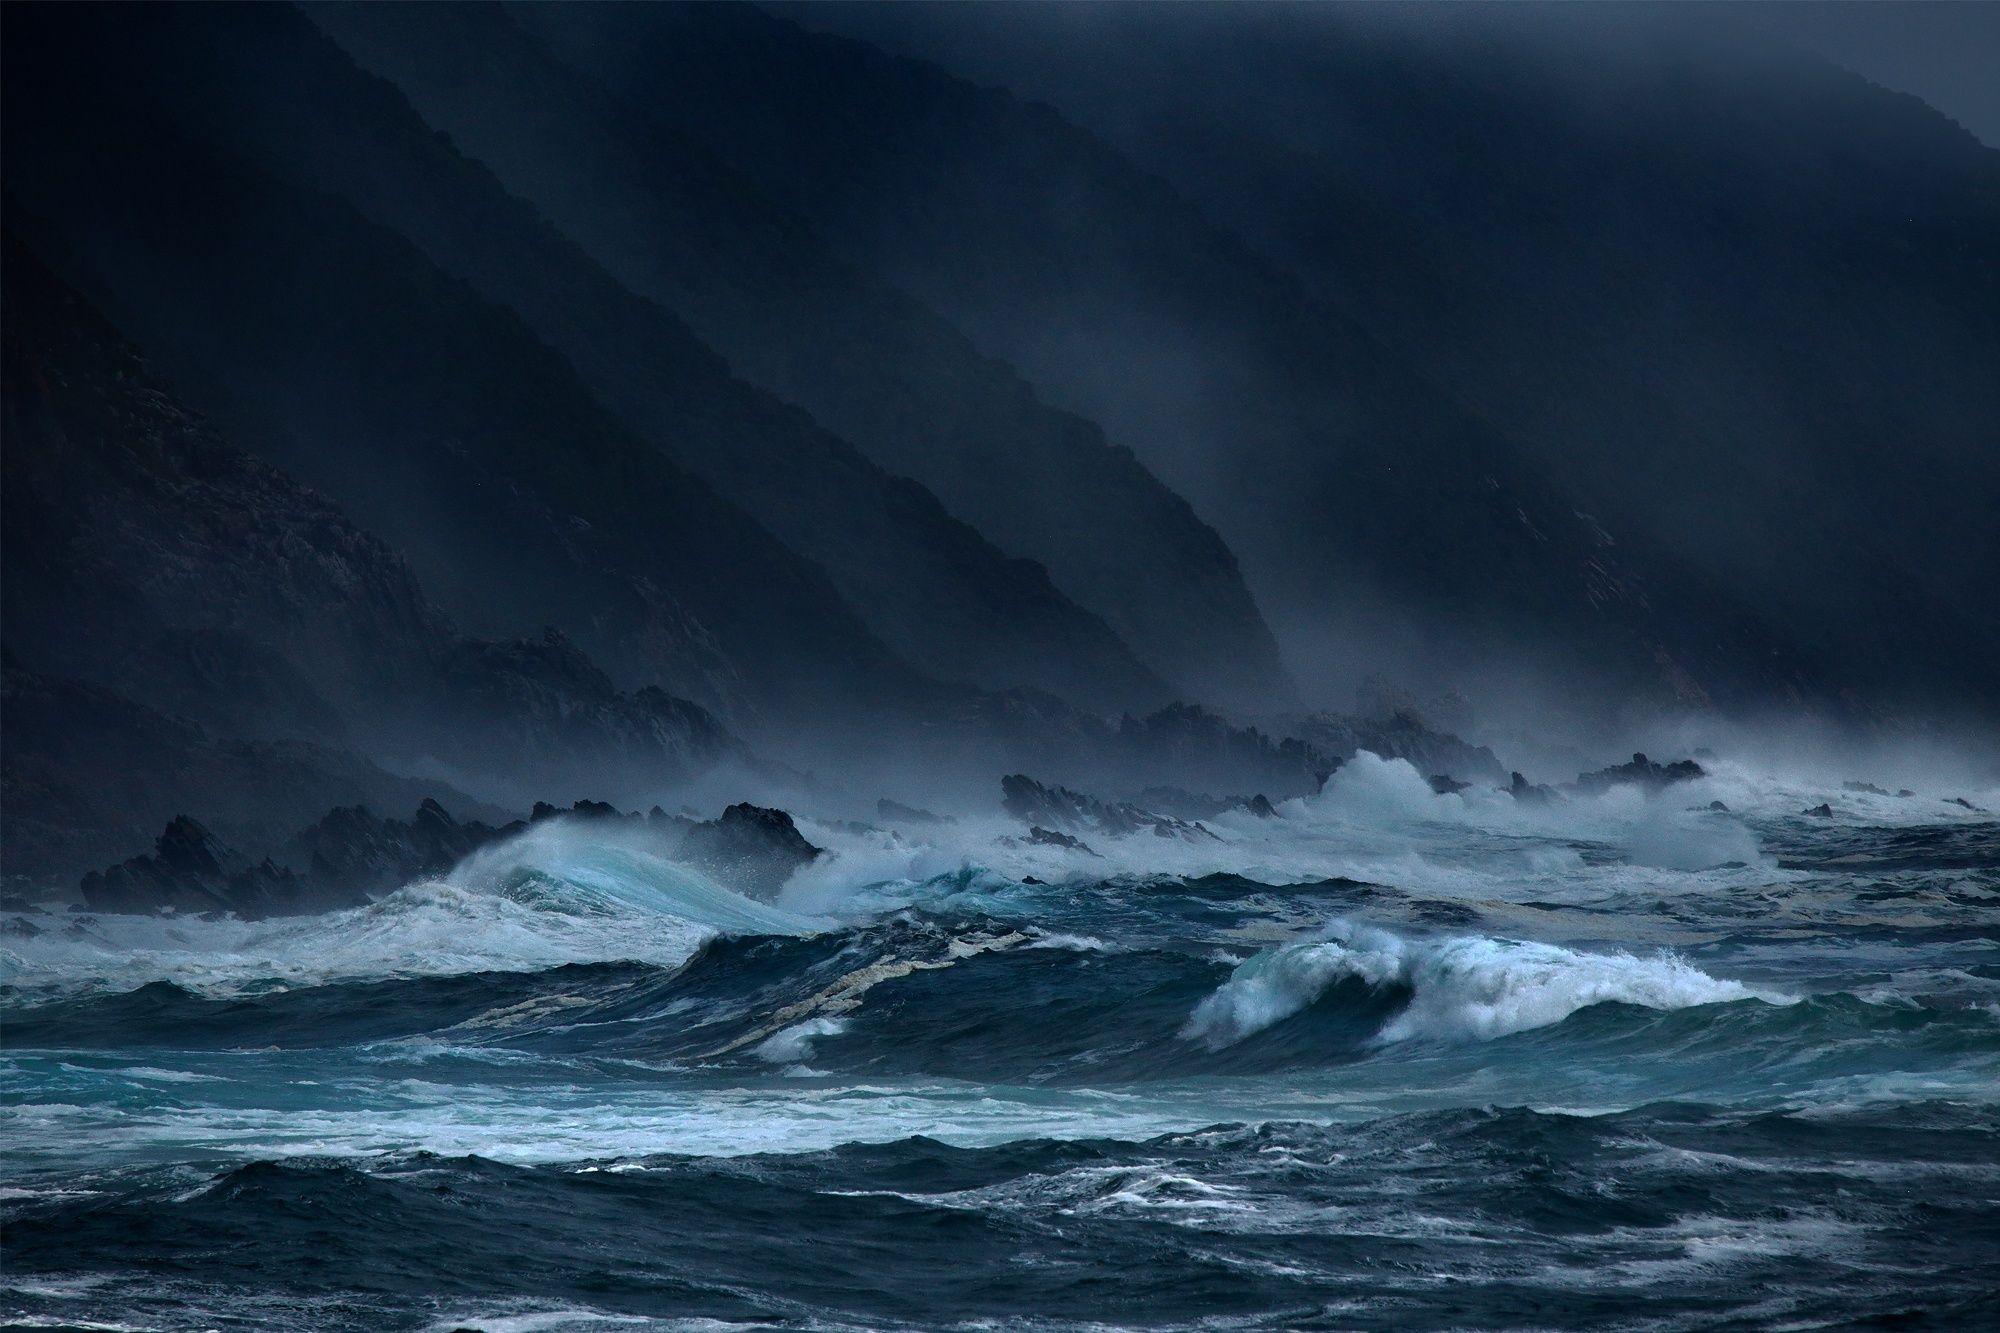 Dark Seas Ocean Waves Wallpaper Sea Waves Storms Rocks